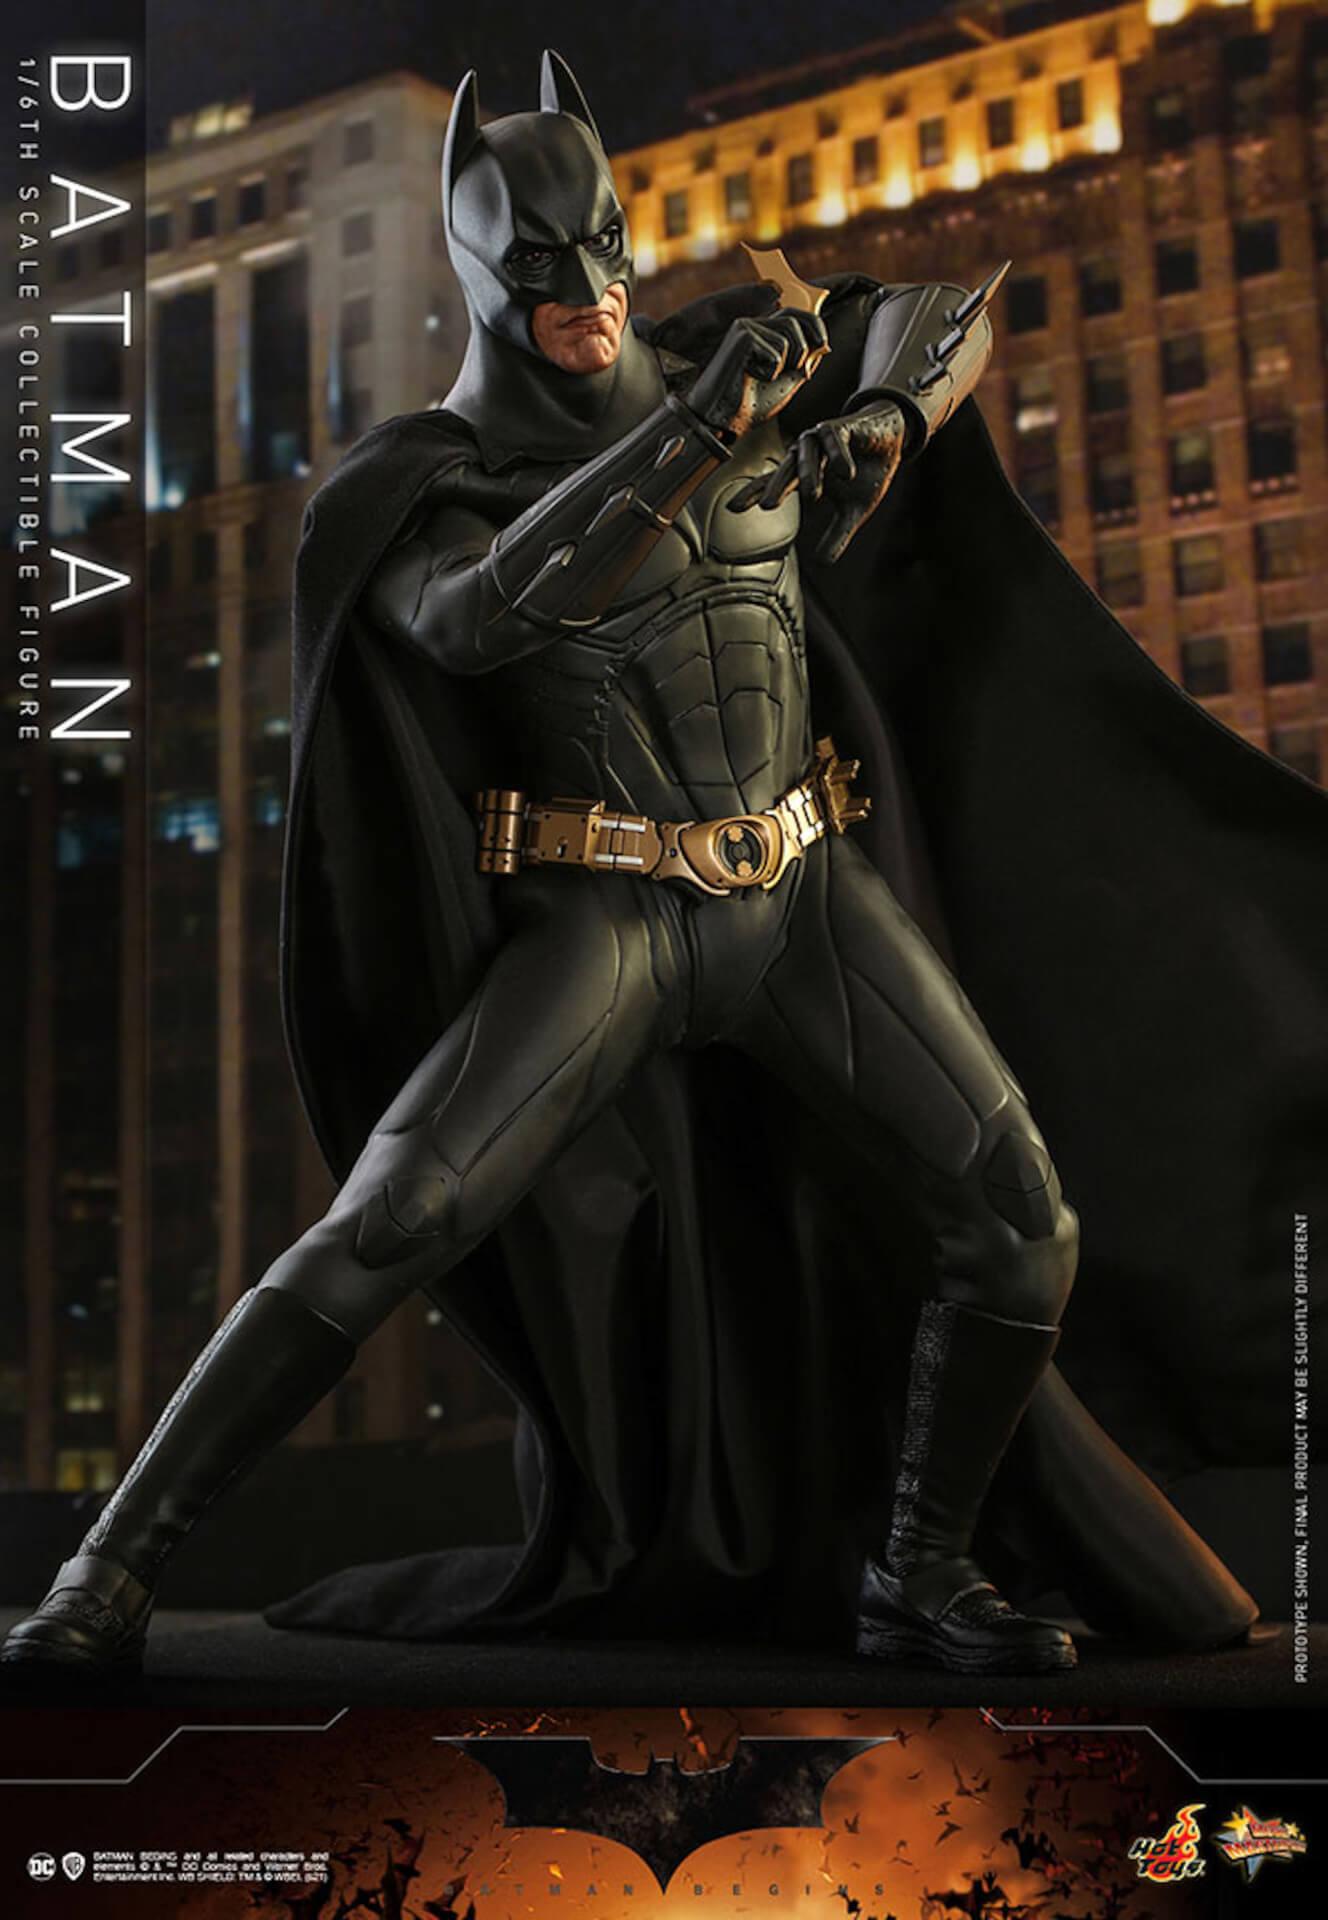 『バットマン ビギンズ』のバットマン&バットモービルが超精巧なフィギュアに!ホットトイズから発売決定 art210401_hottoys_batmanbegins_11